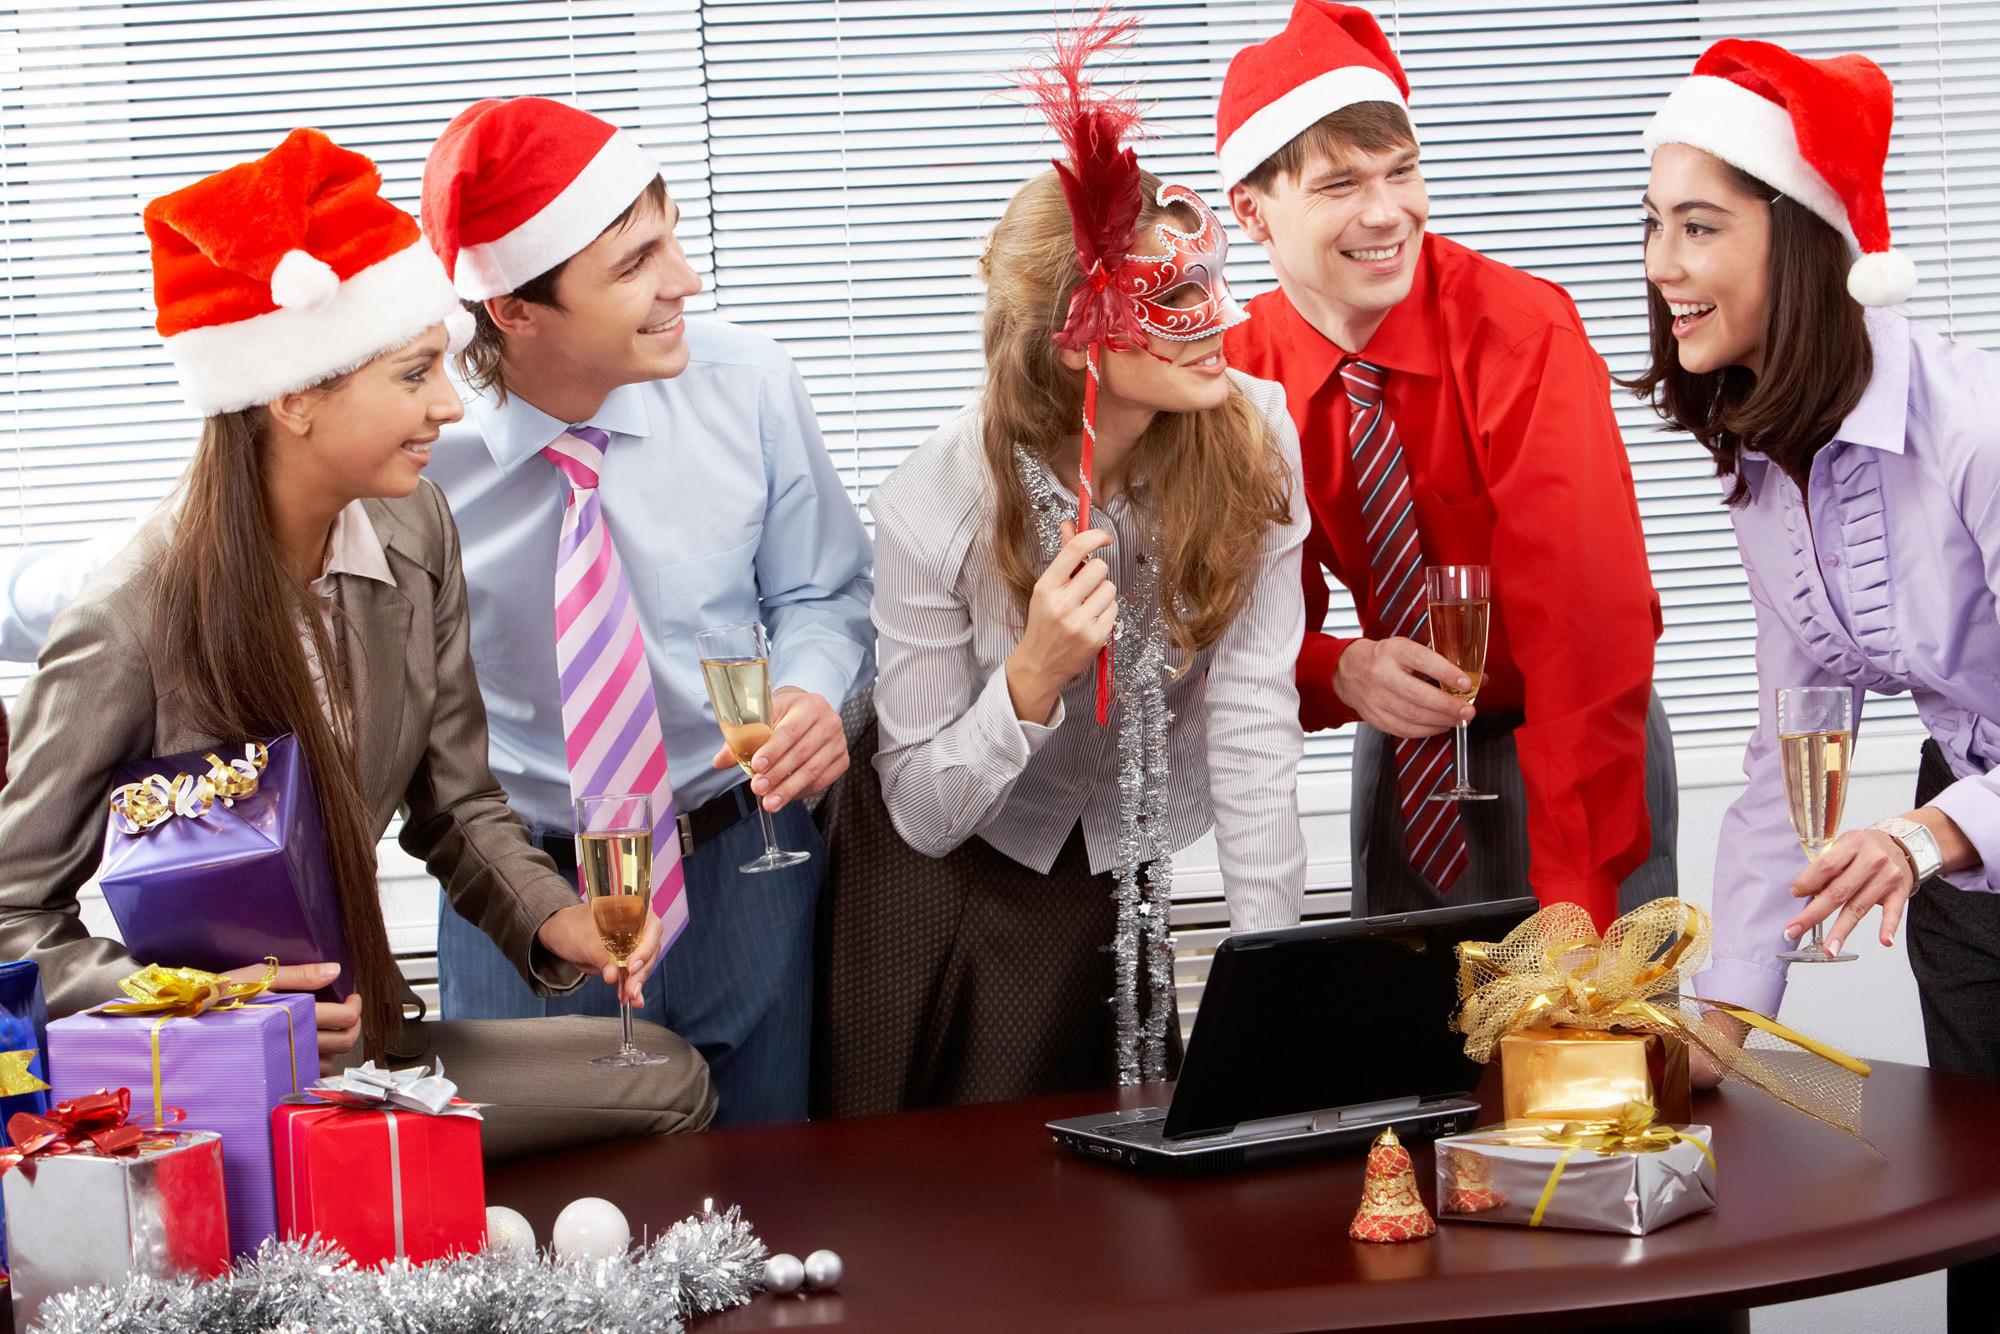 Дешево, быстро, сердито, или Вечеринка в офисе